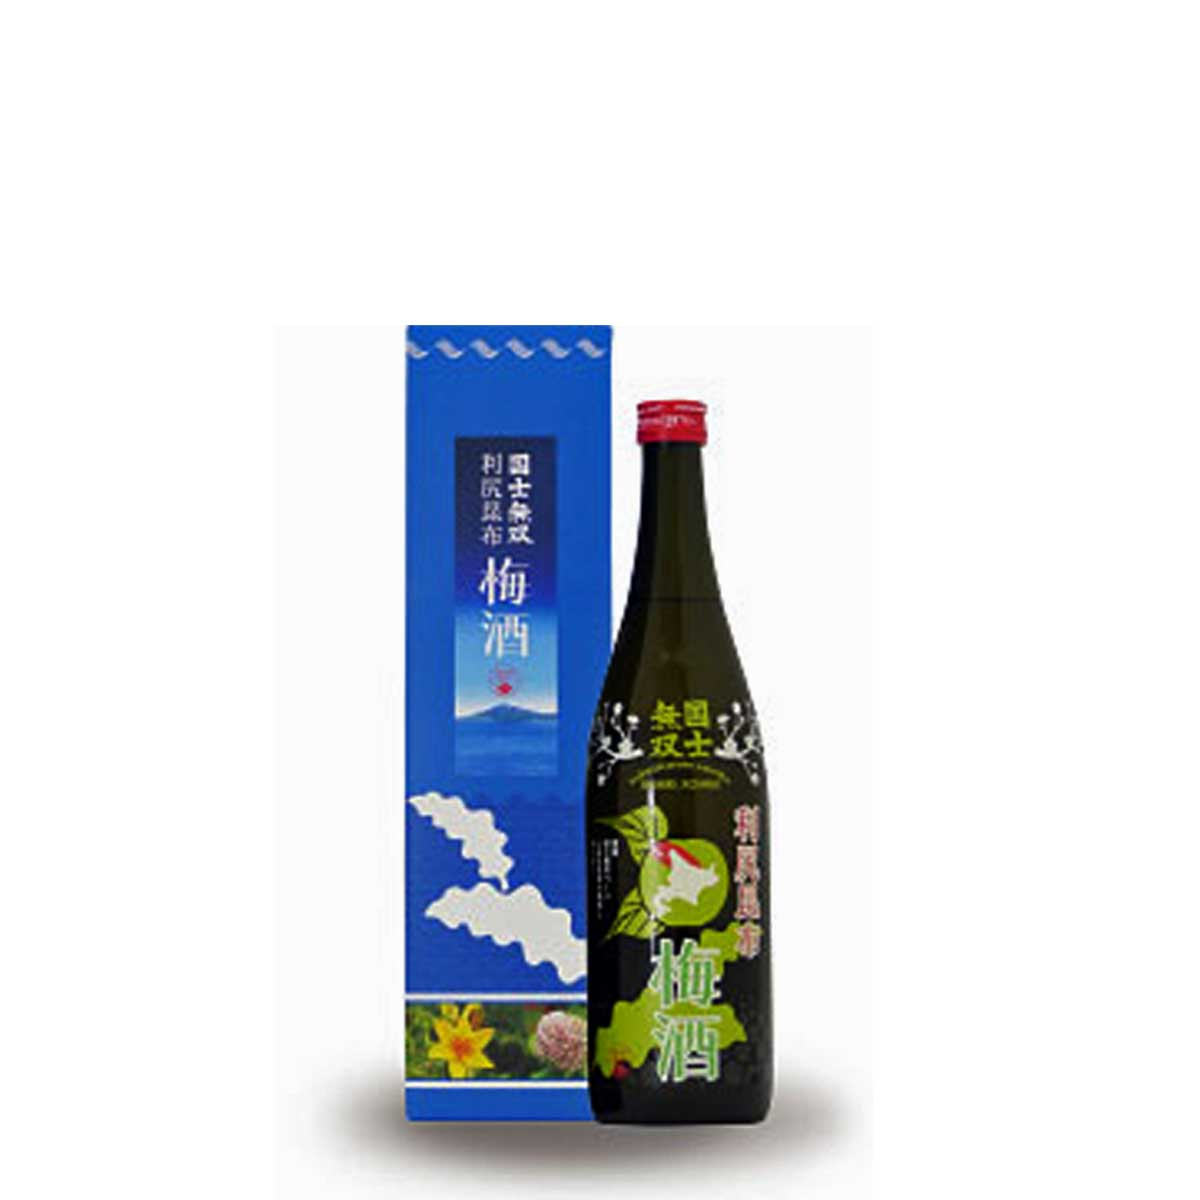 旭川 高砂酒造 国士無双 利尻昆布 梅酒 720ml